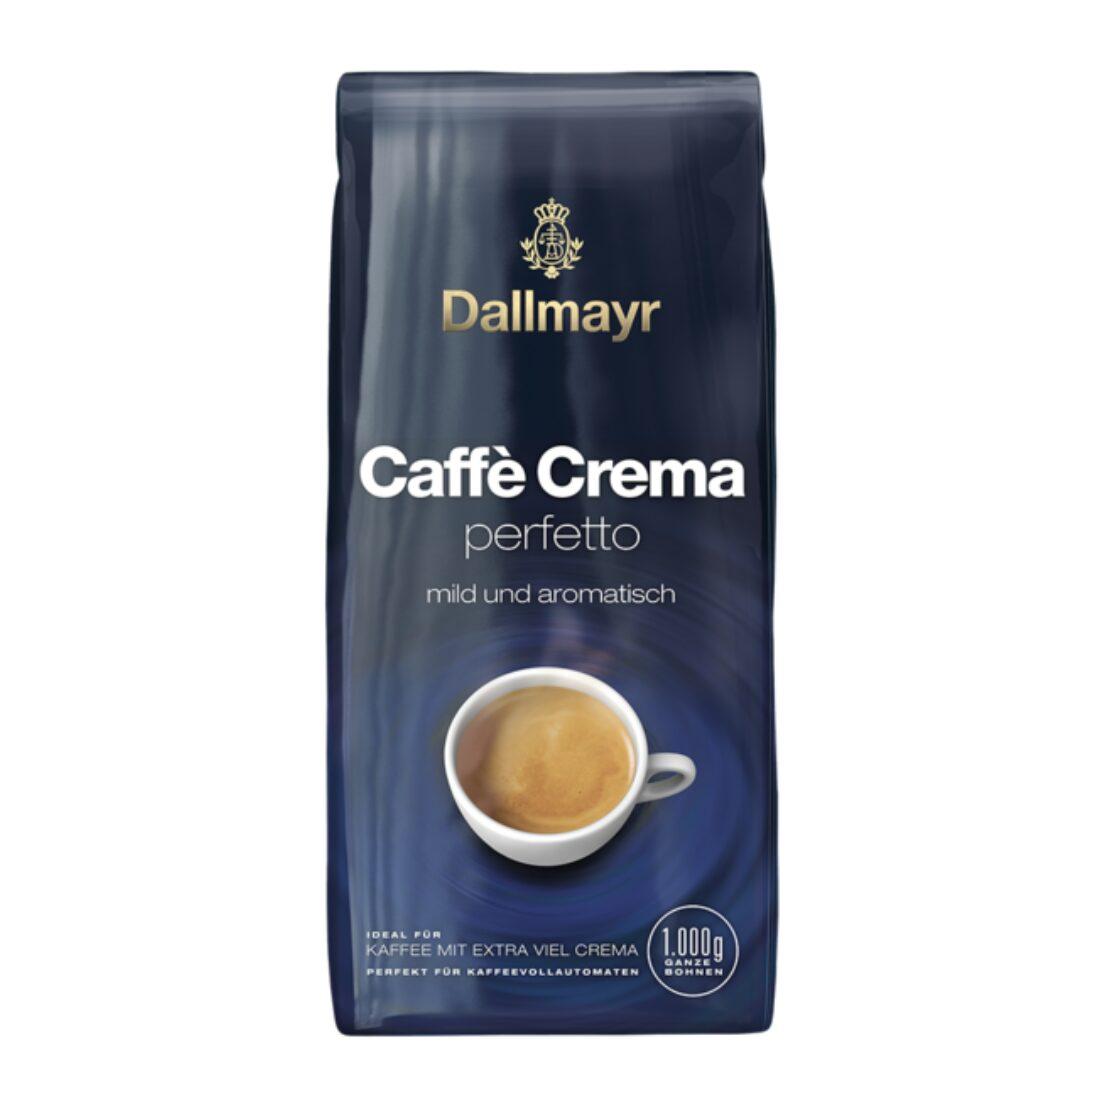 Kawa Dallmayr - Caffe Crema Perfetto